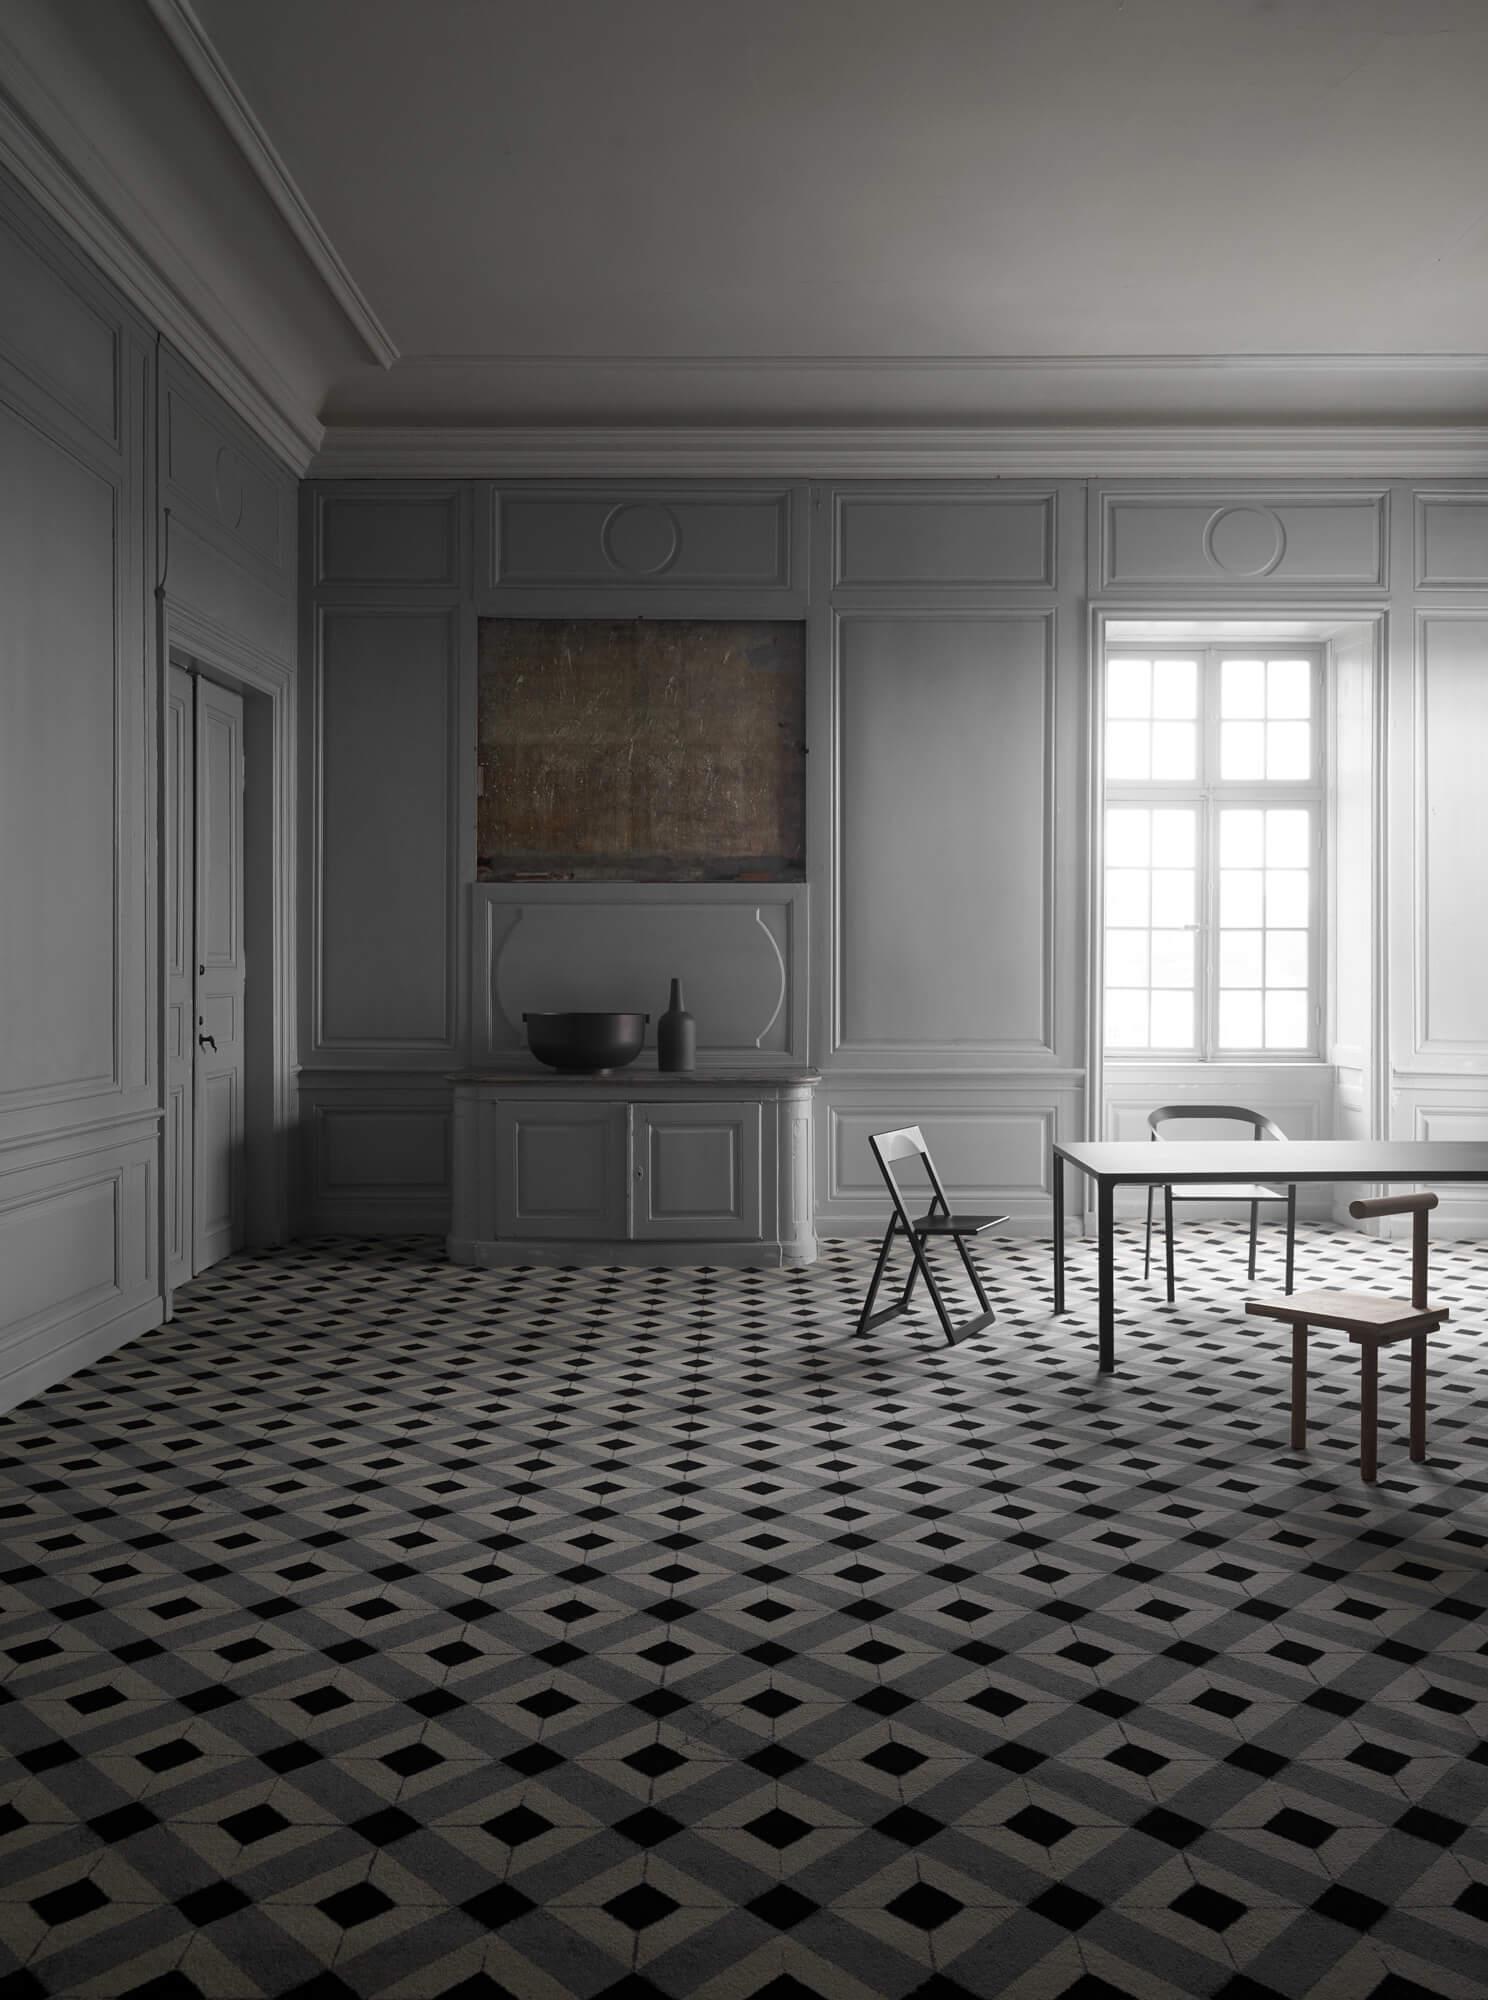 Atelier_Carreaux-RF52952687_001_vn.jpg